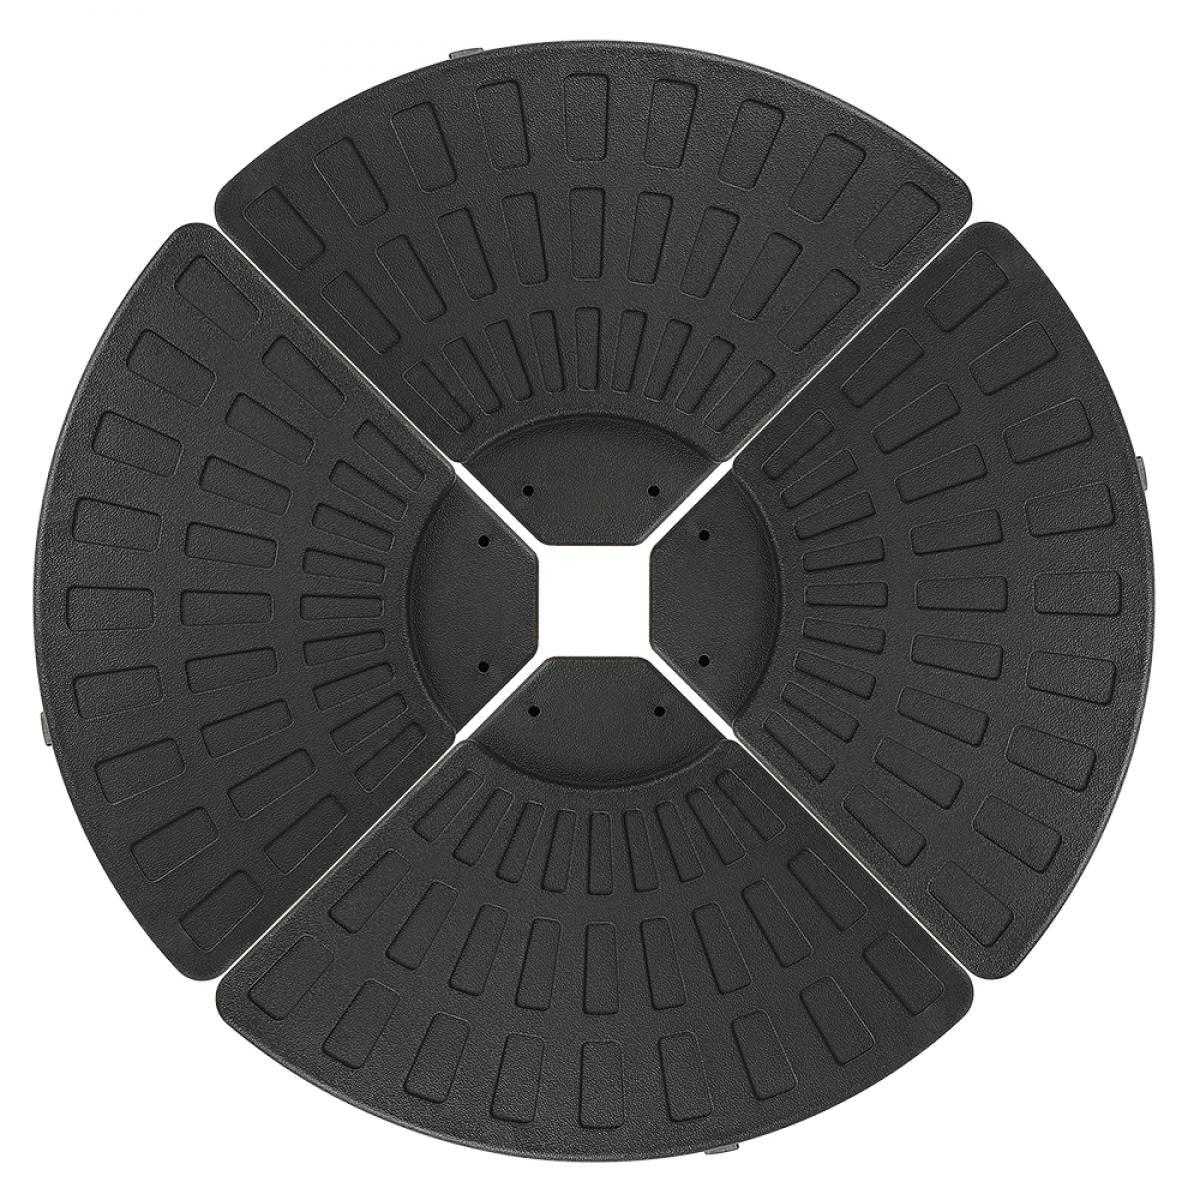 Jeobest Base de Parasol Pied de Parasol 4 Plaques Durable Noir 96*96*8cm